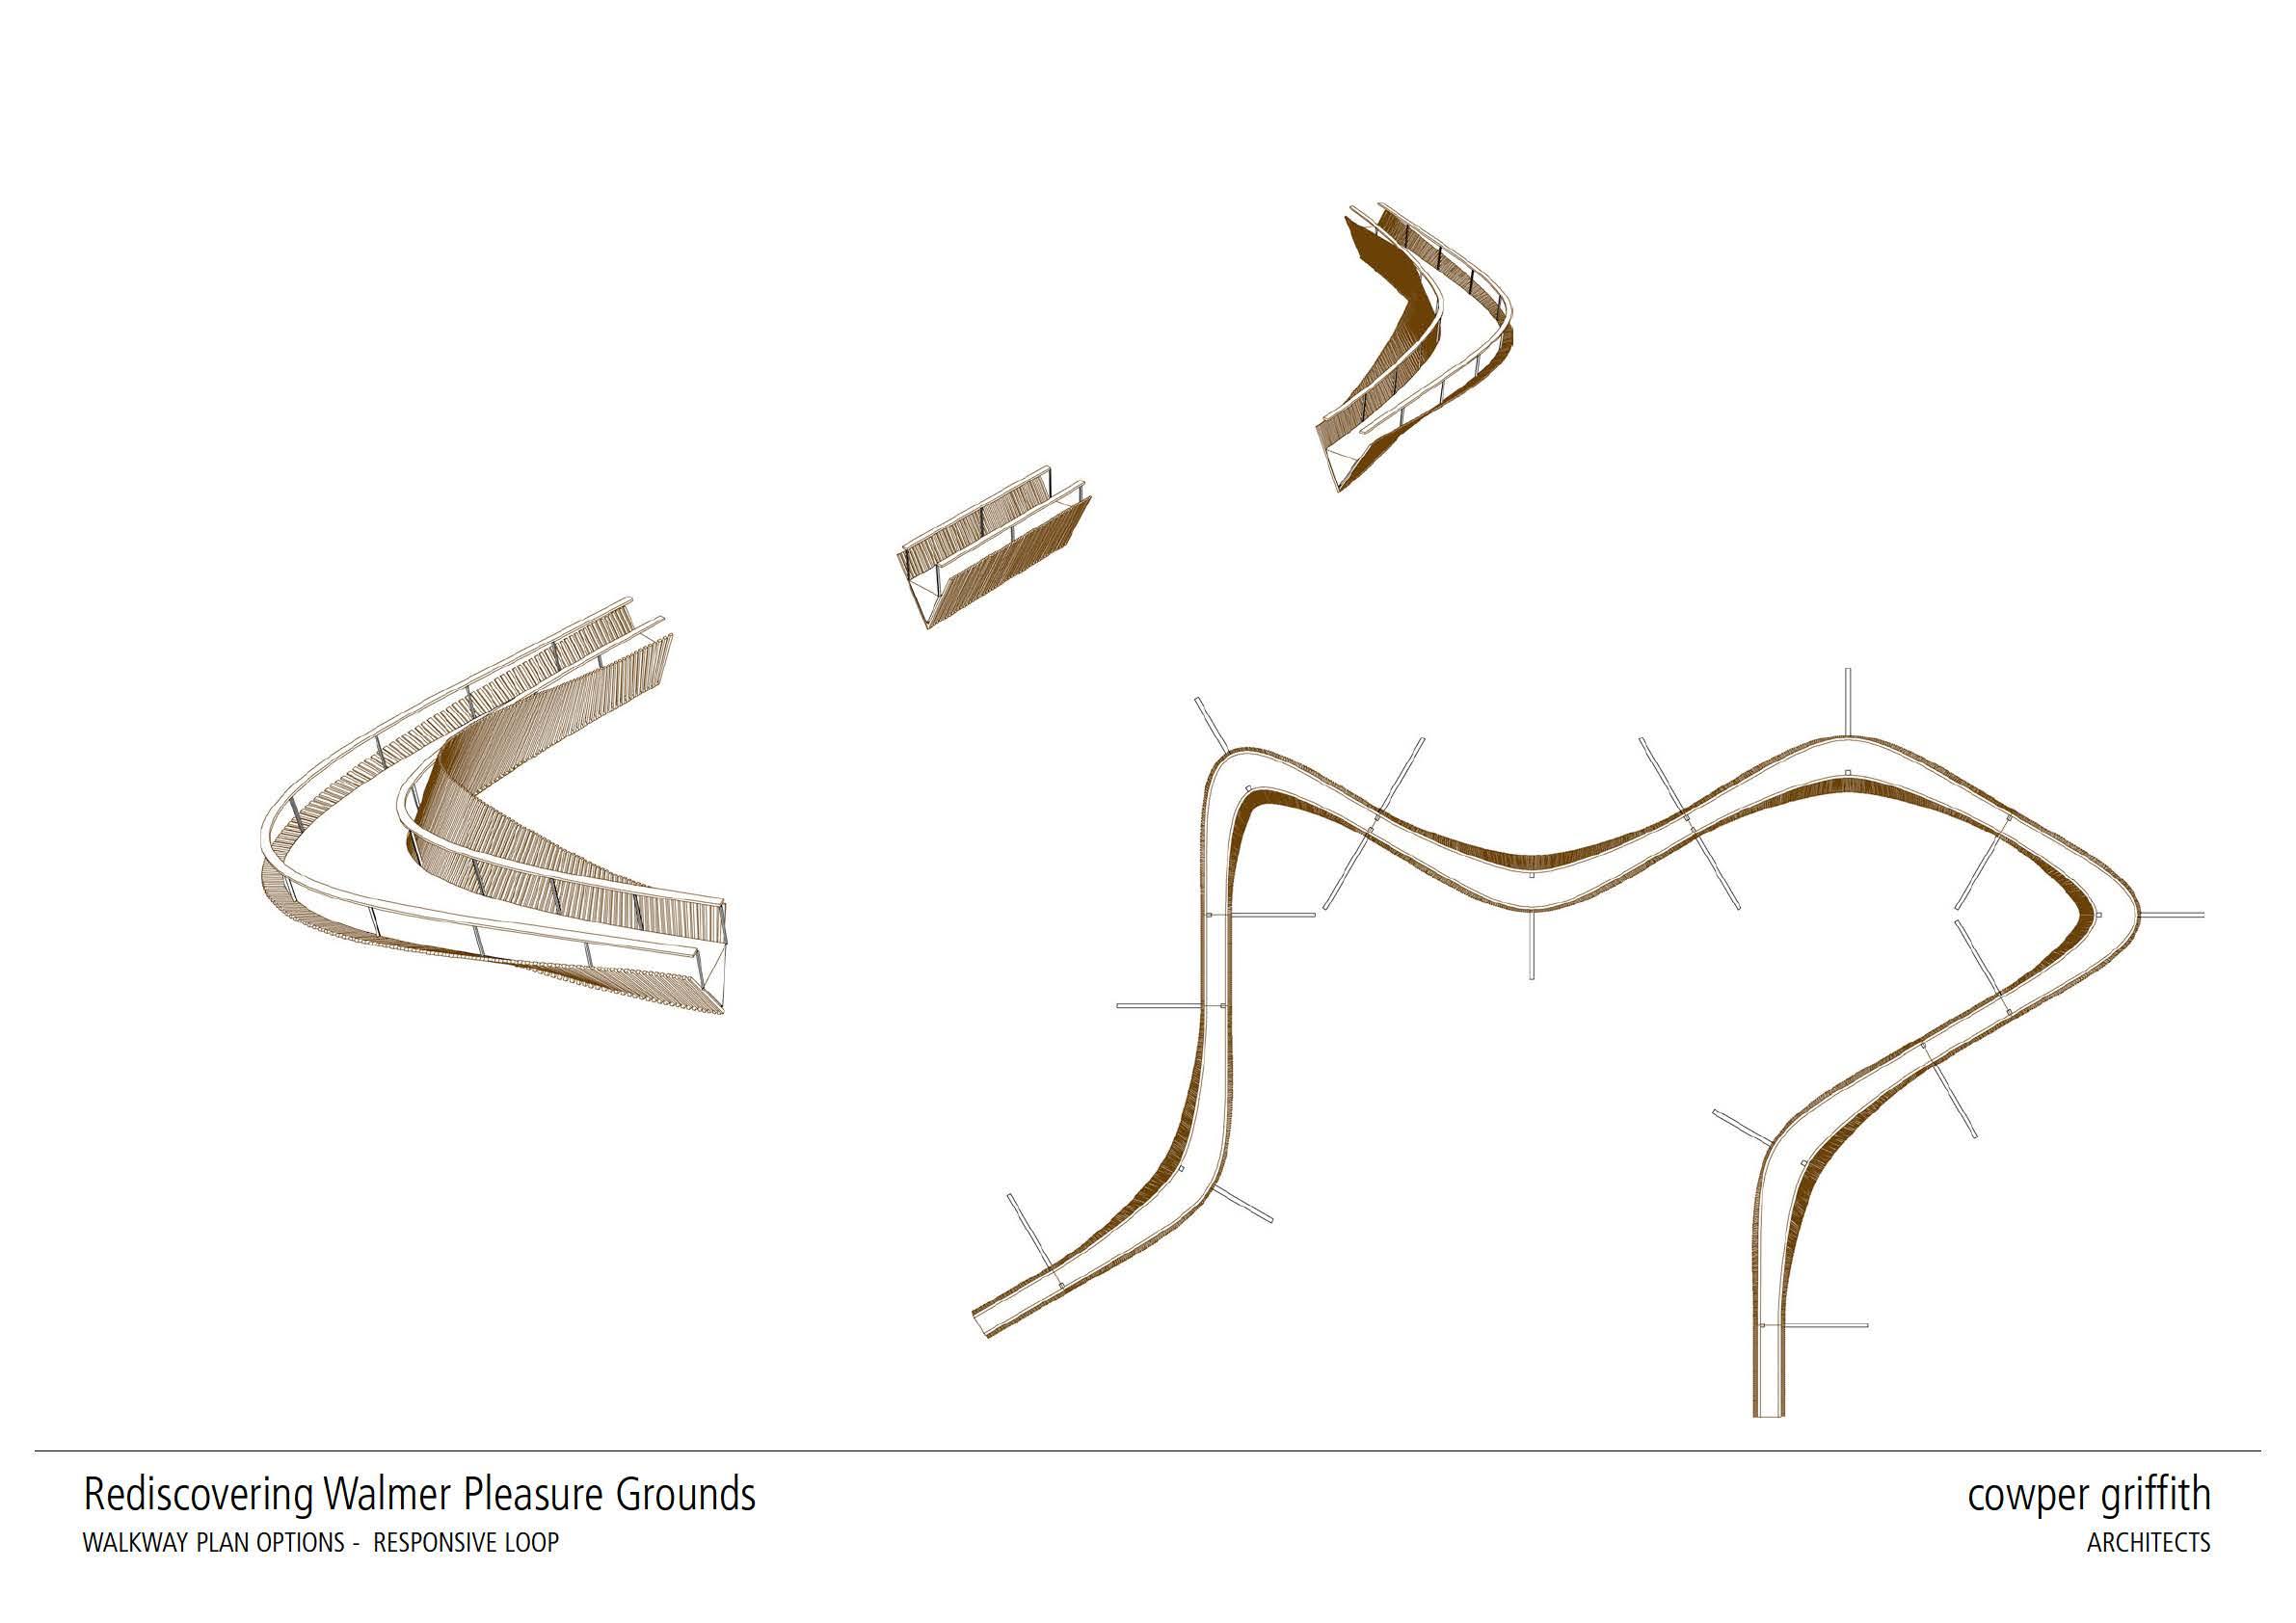 07 Pref Walkway Components 4.jpg